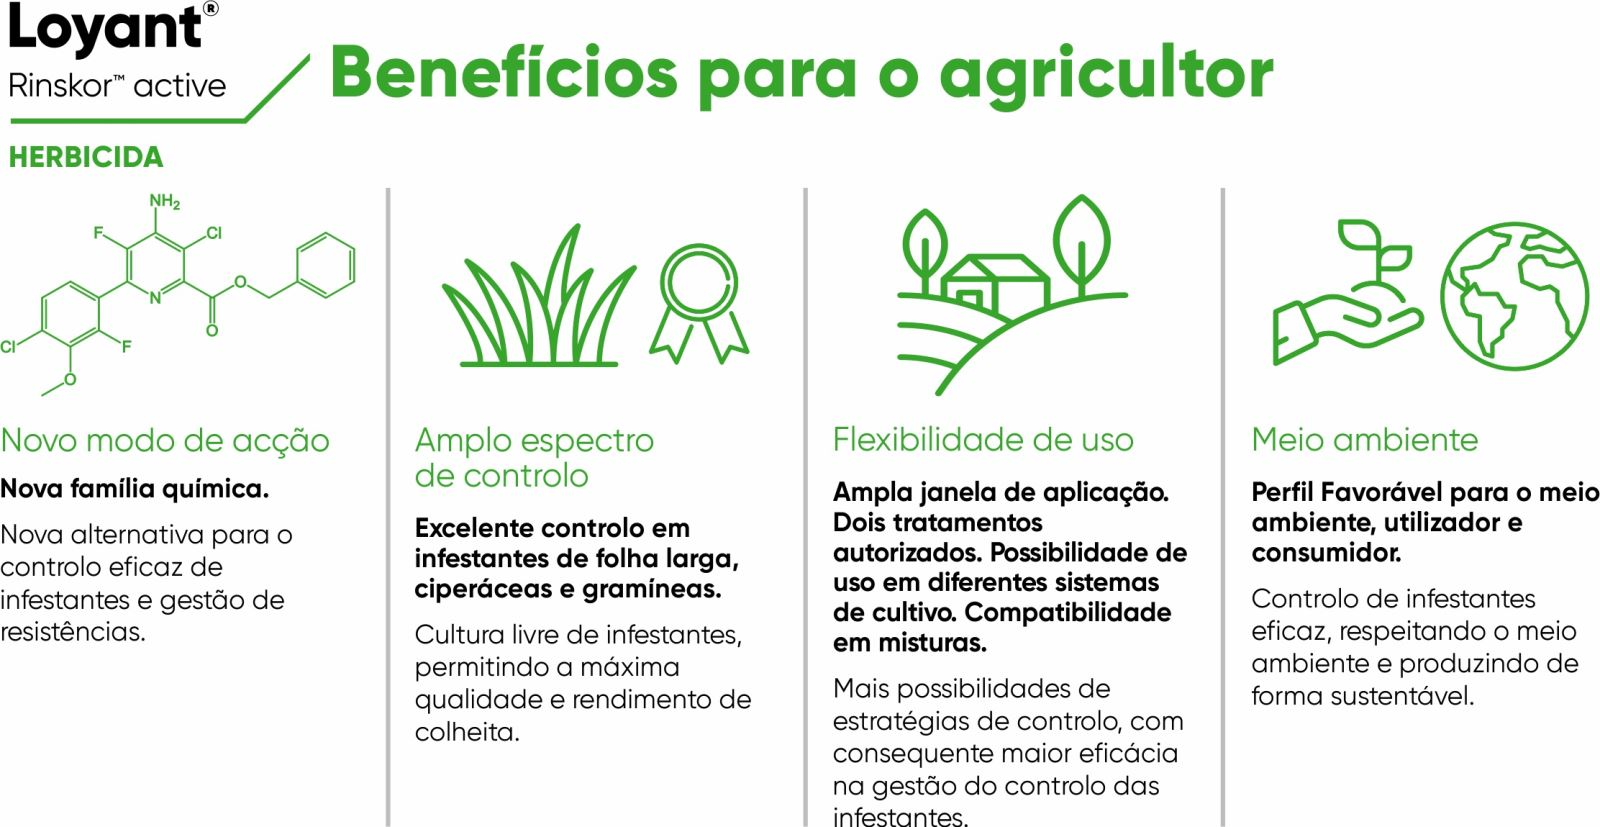 Benefícios do Loyant para o Agricultor